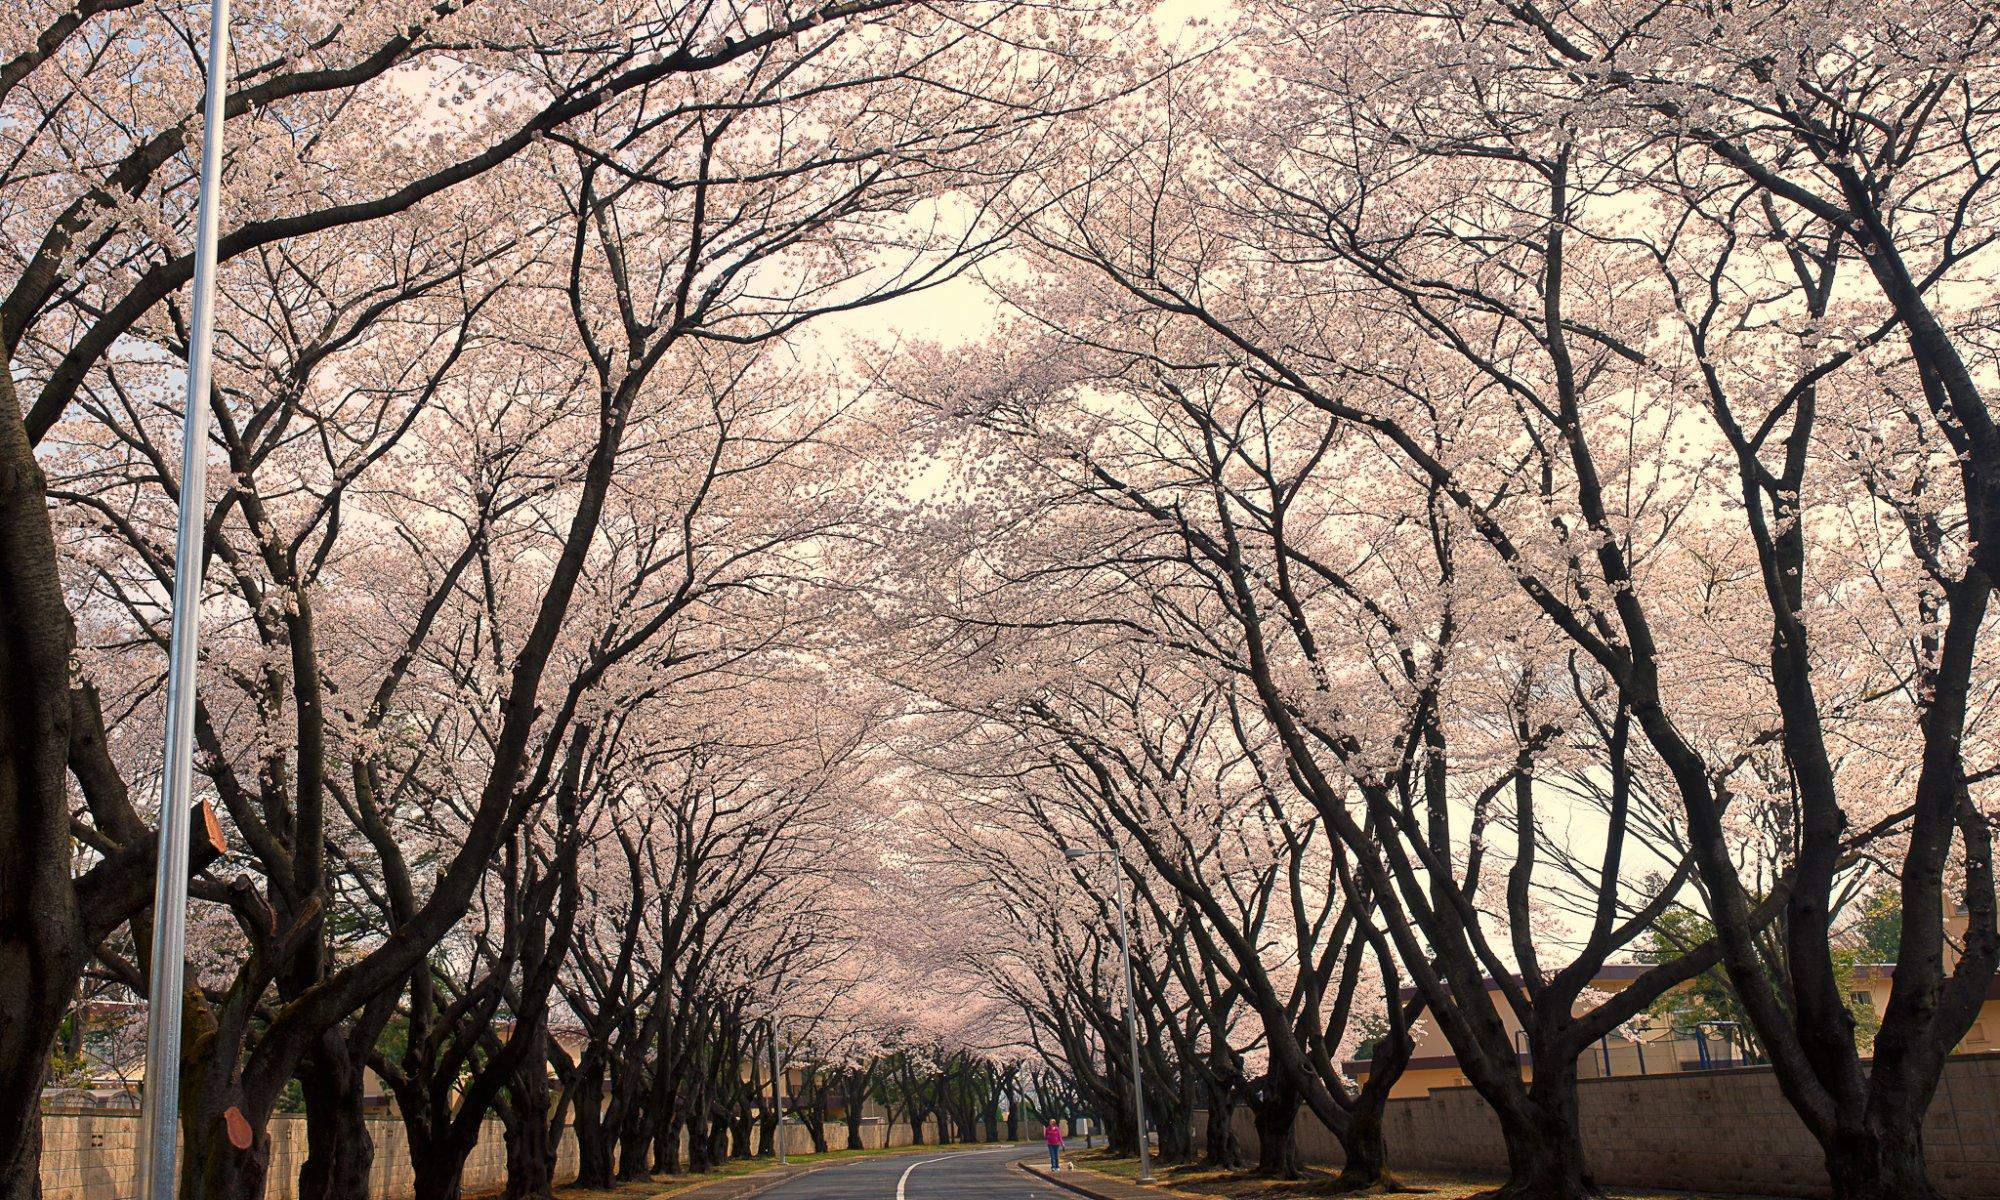 Kirschblüten tauchen die Landschaft in ein herrliches Rosa © UBIMET